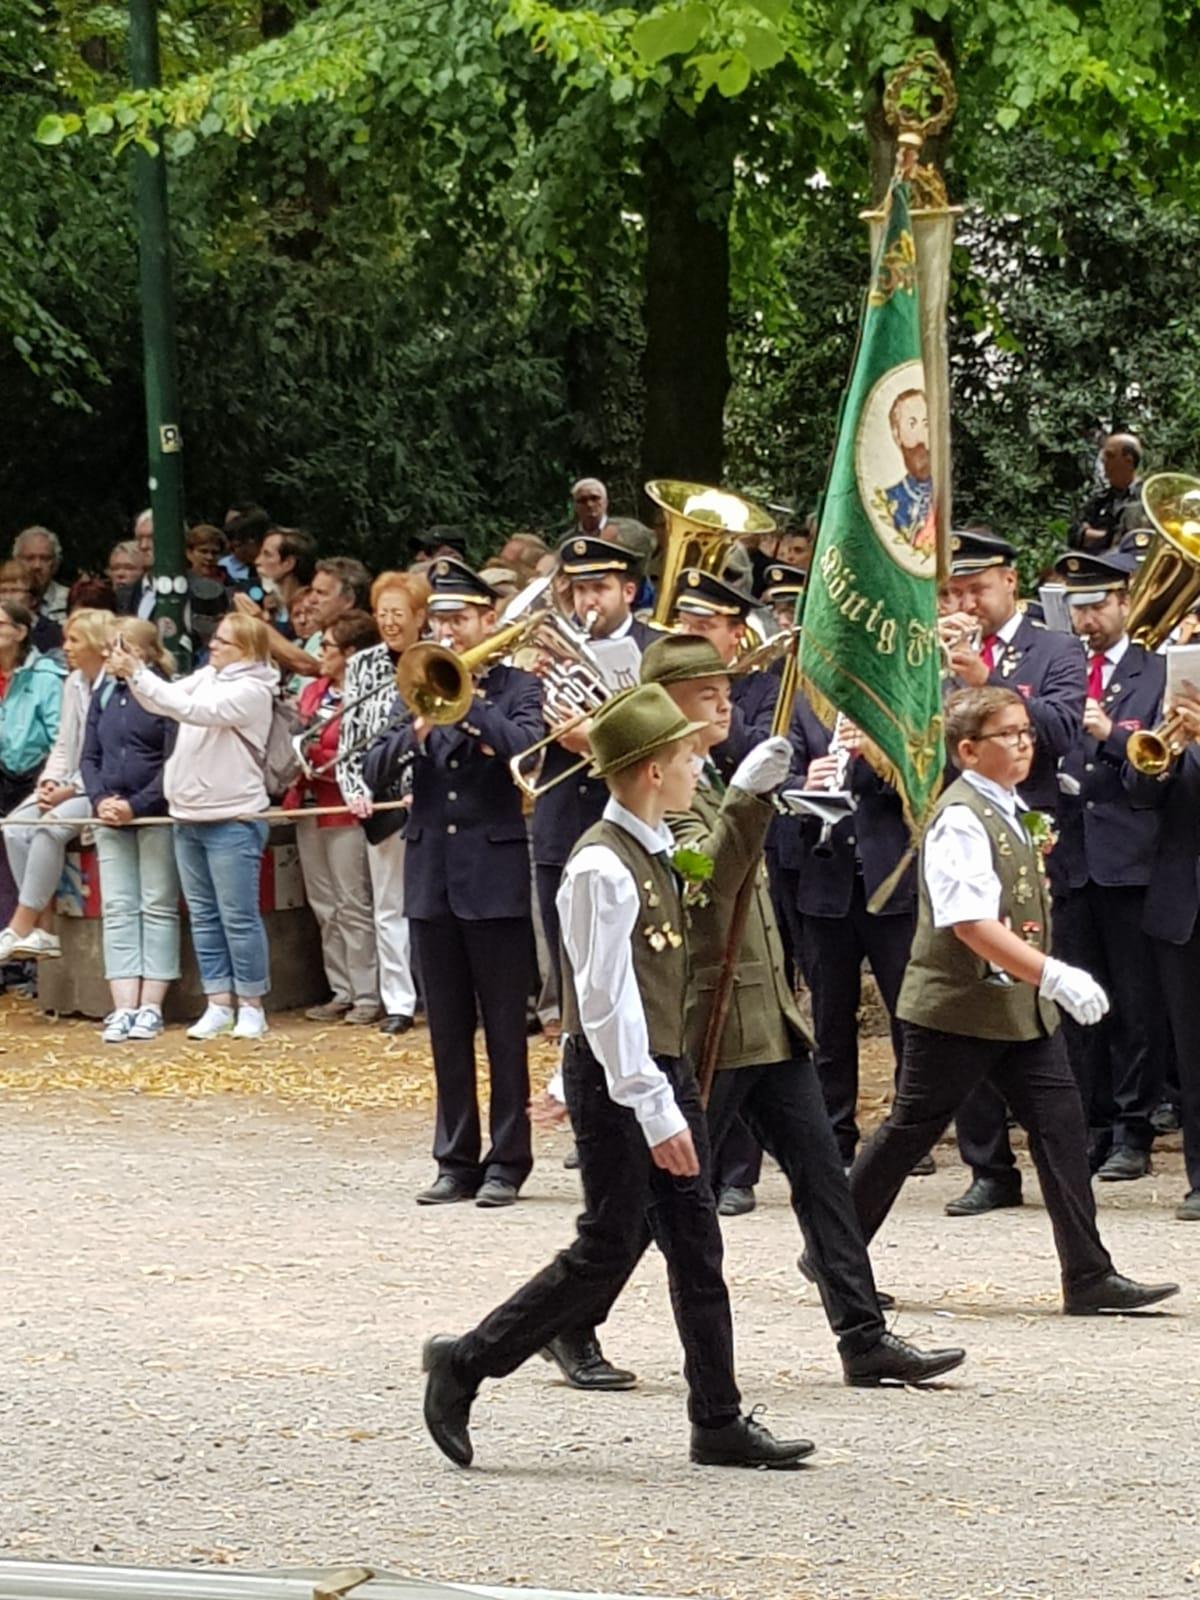 parade2019 3